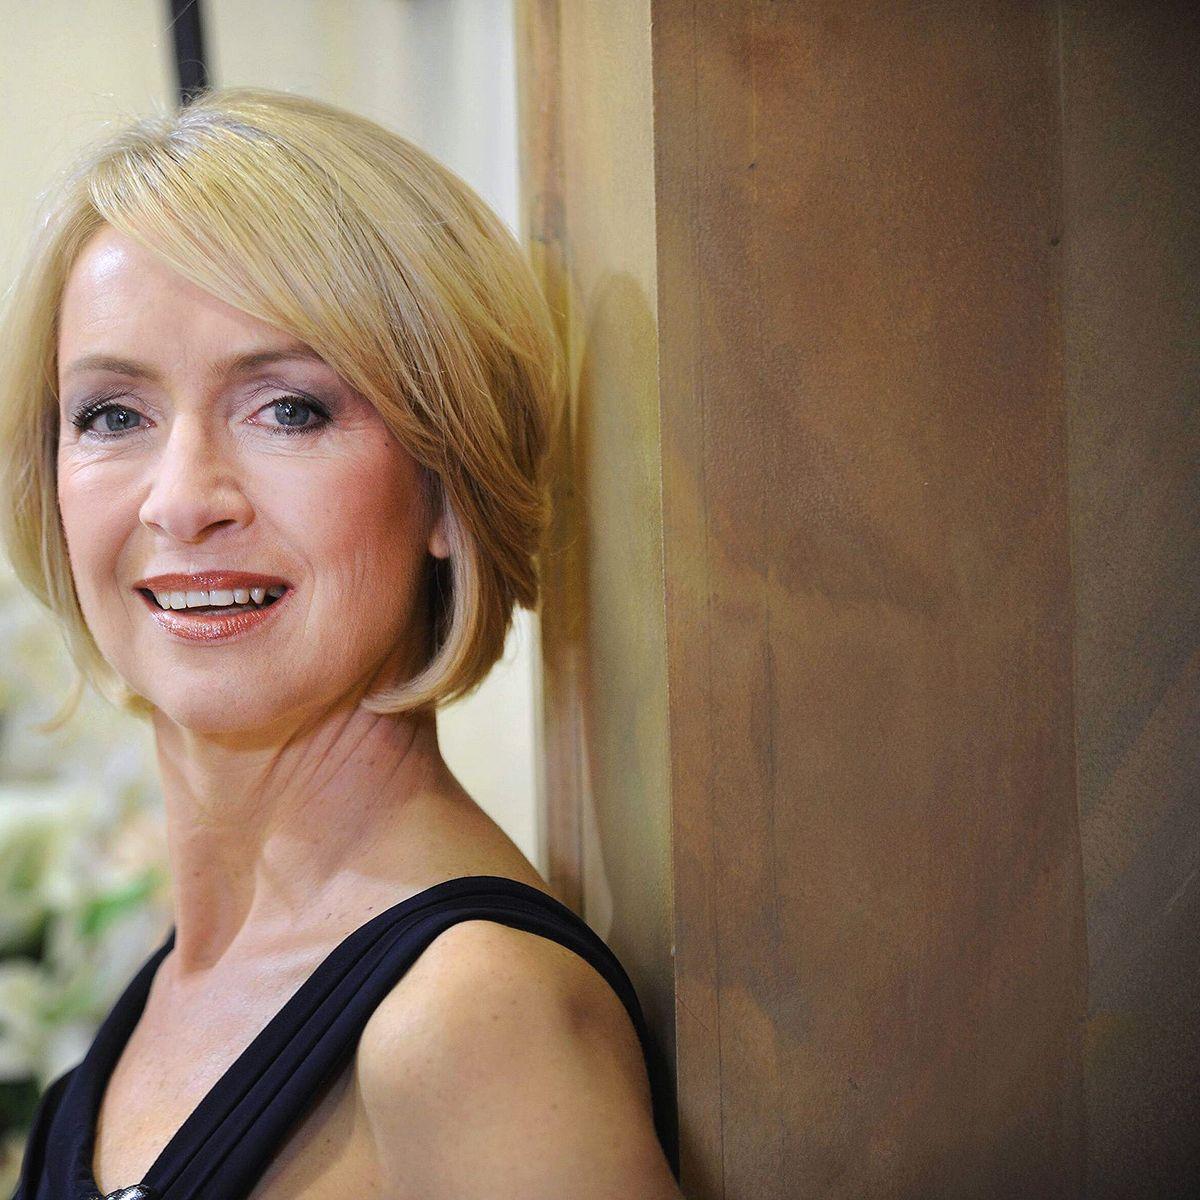 Martina Servatius Tot Grafin Elisabeth In Verbotene Liebe Der